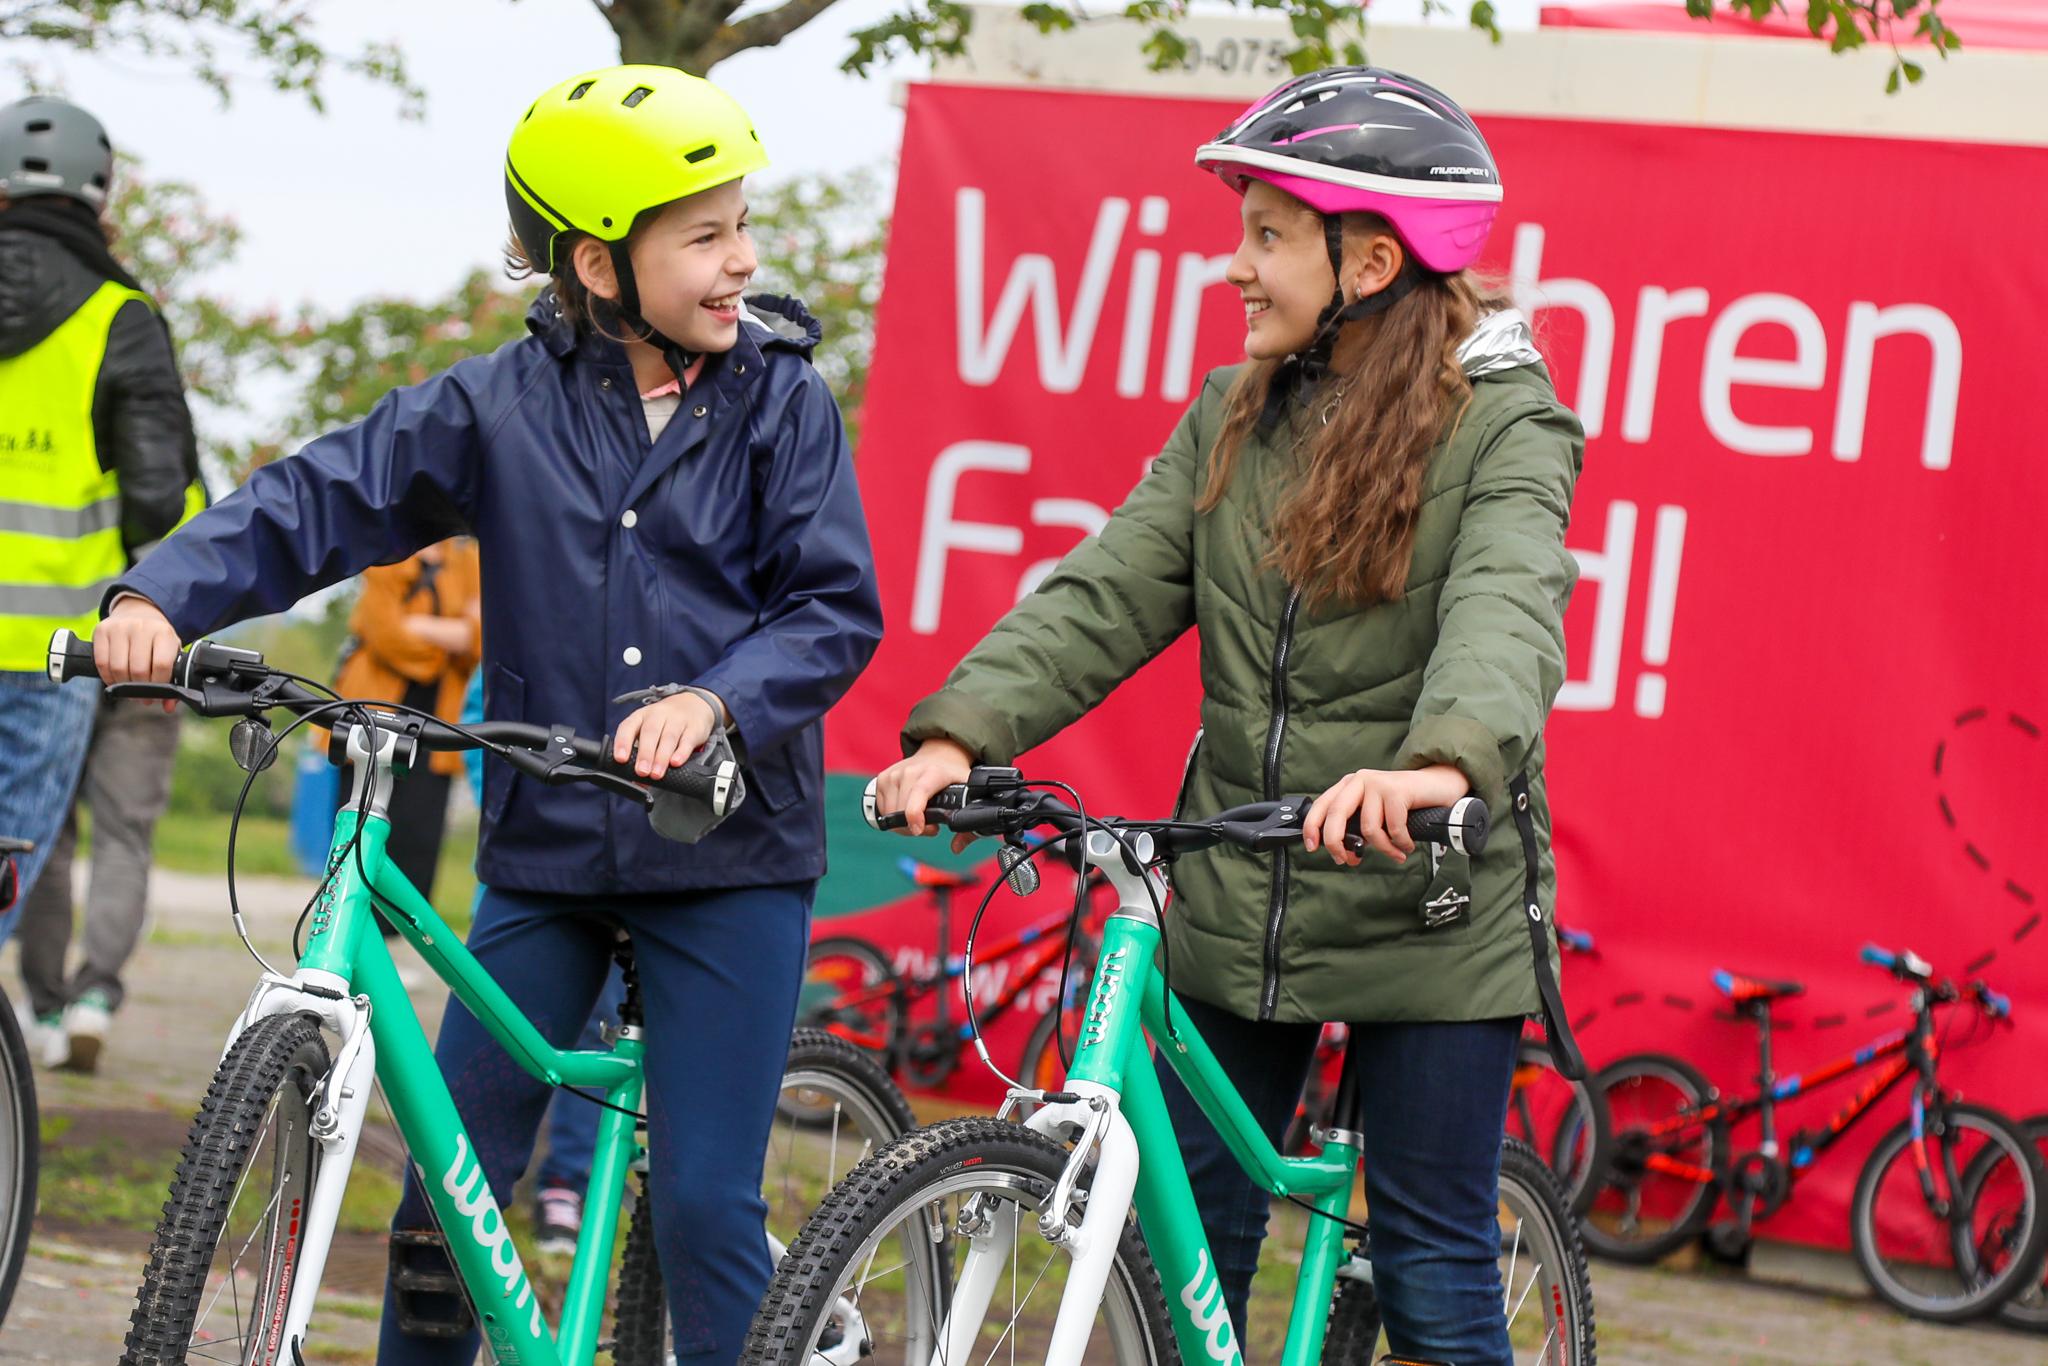 zwei lachende Kinder auf Fahrrädern